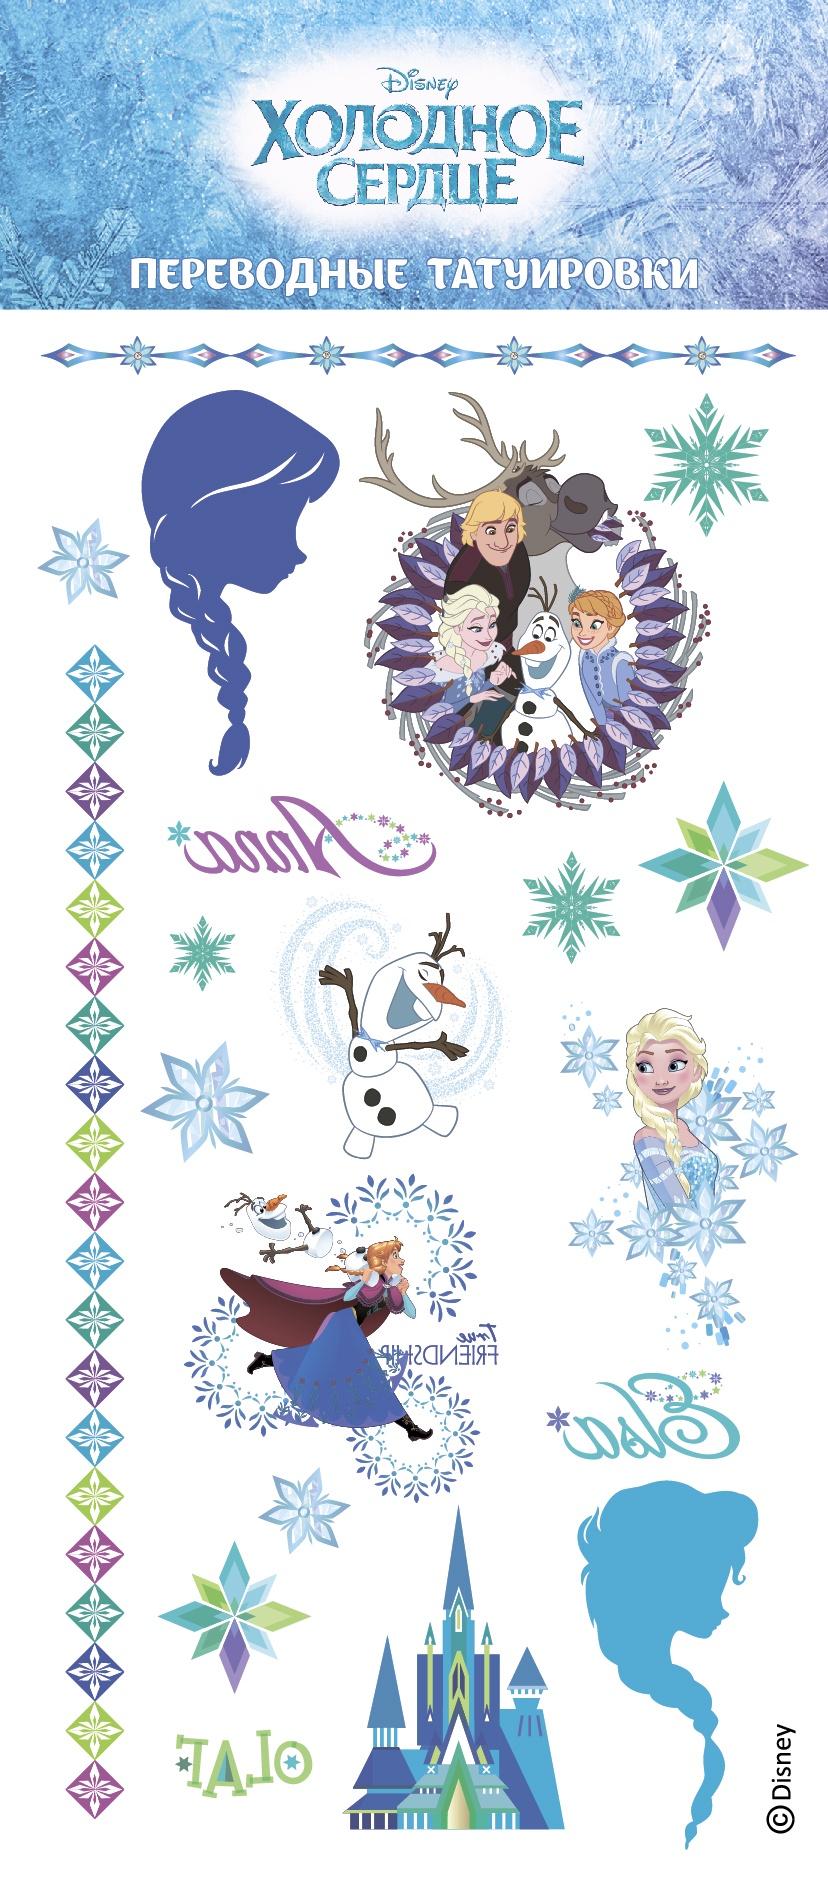 Переводное тату Disney Холодное сердце